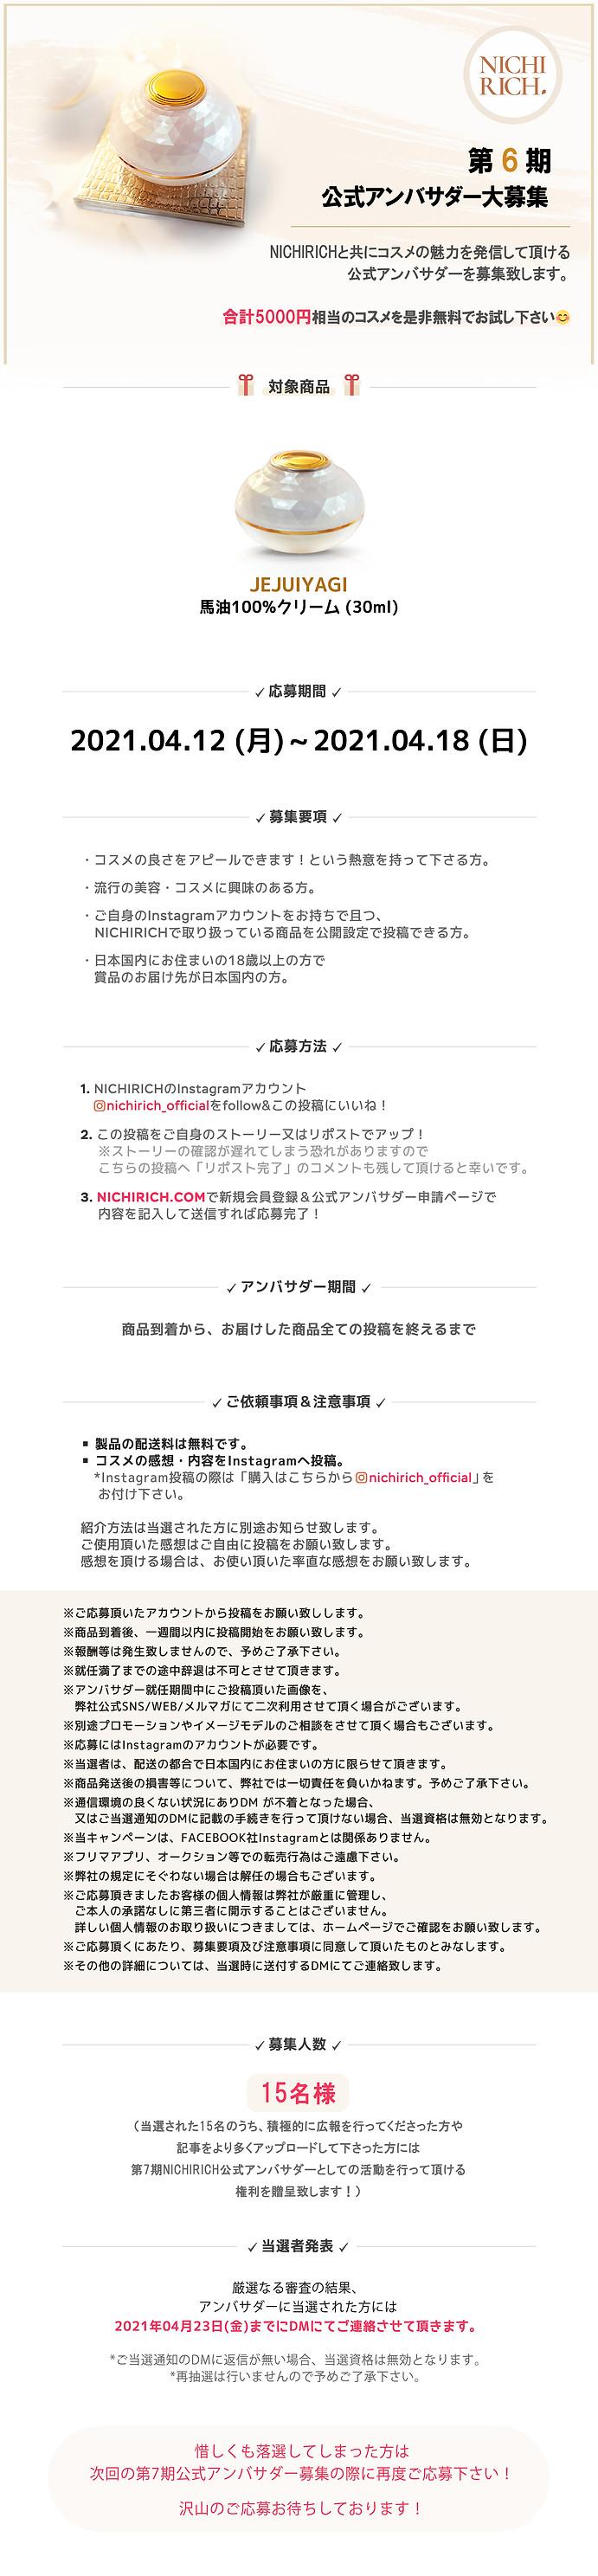 6기_ 체험단 상세페이지.jpg